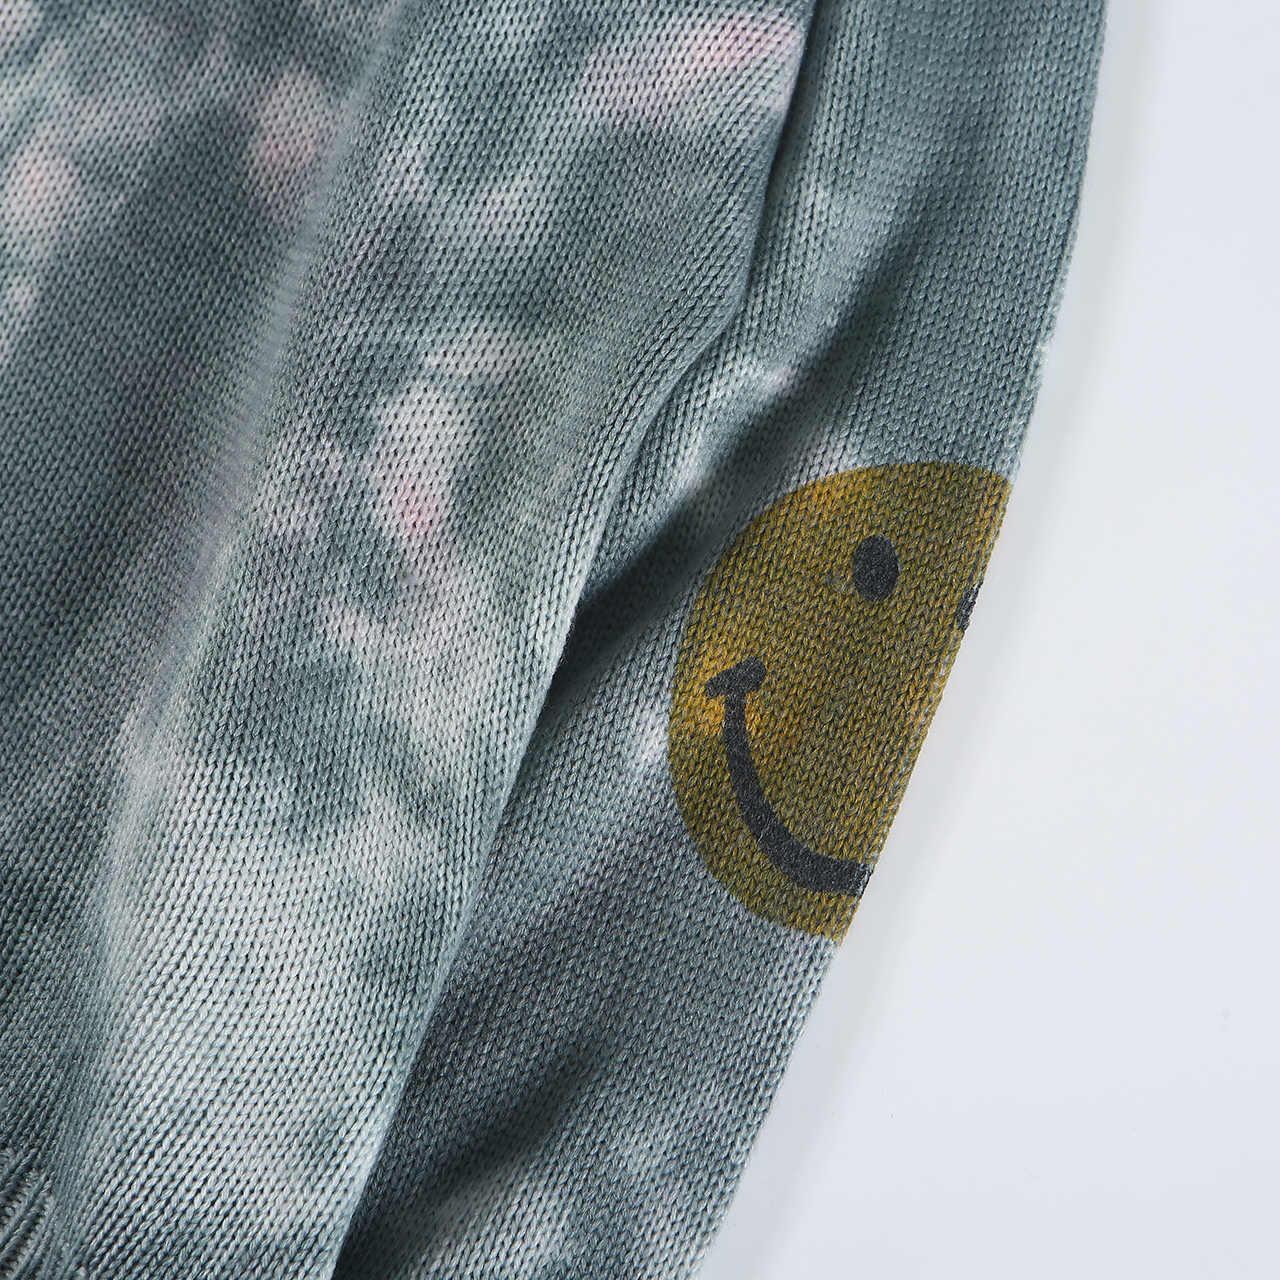 גברים של מגשרים בסדר סרוג סוודר סוודר צווארון עגול מקרית חולצות היפ הופ אופנה עבור צעירים בני פנאי חיצוני סתיו חורף